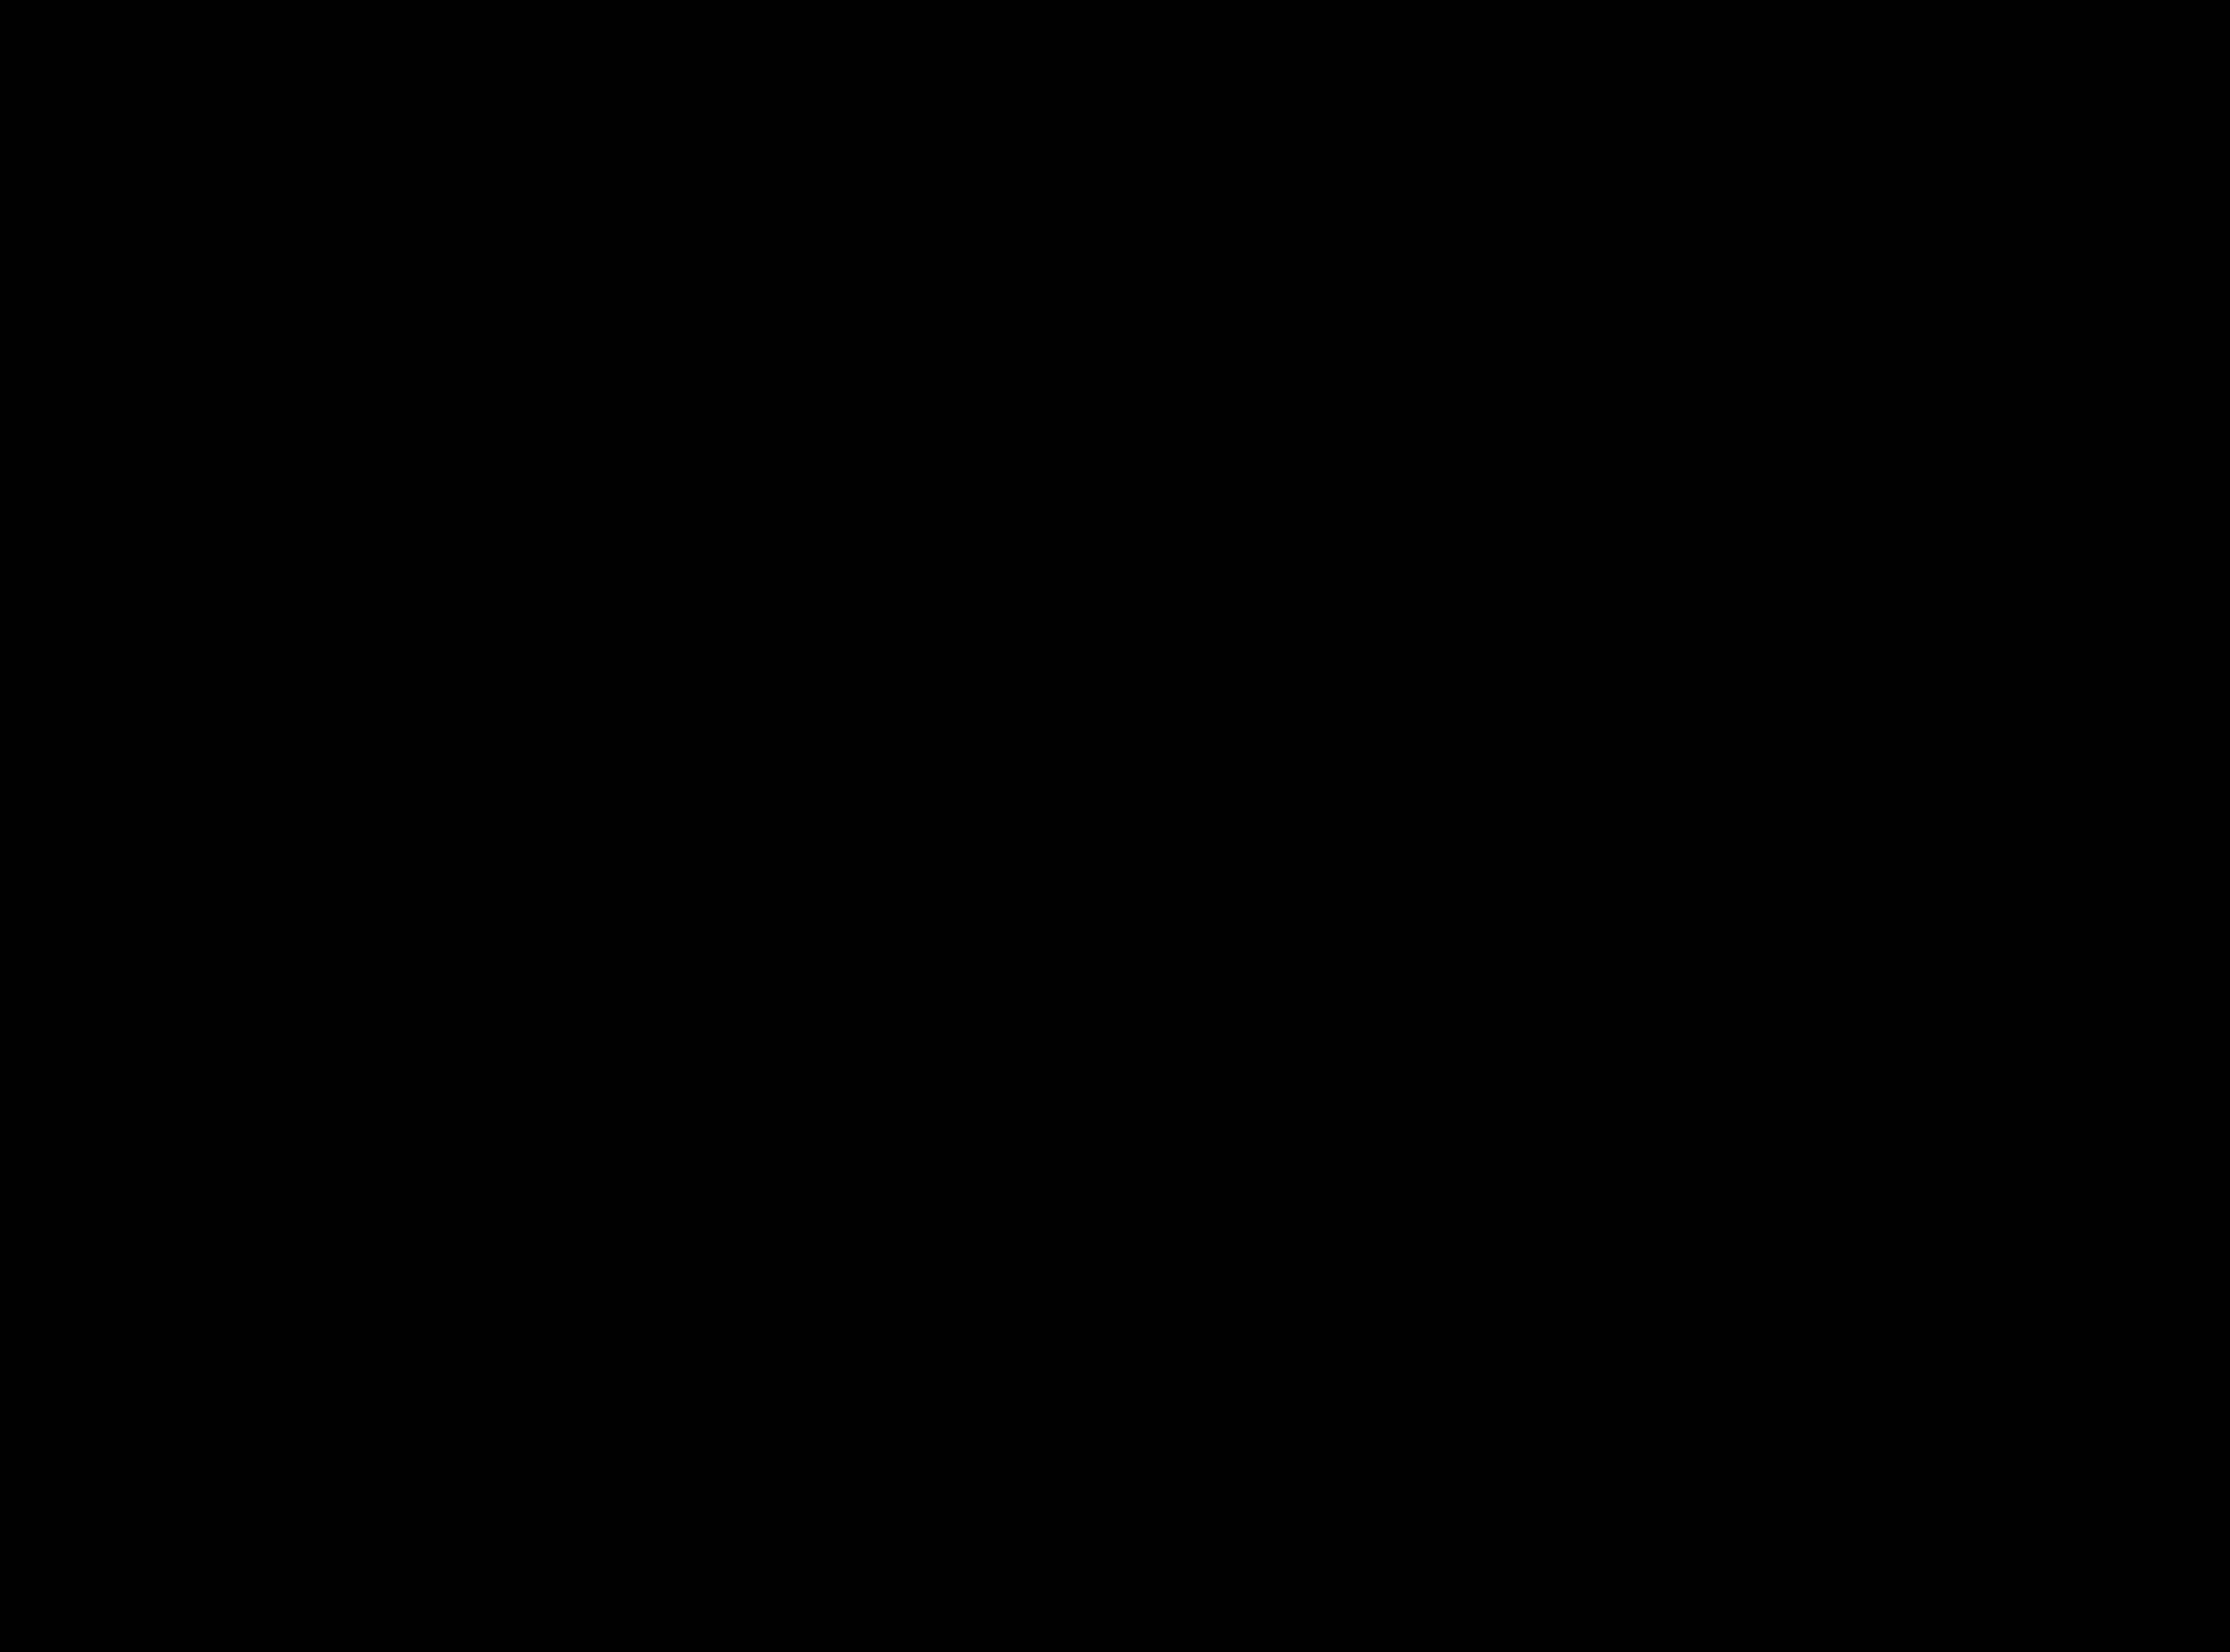 Планировка бани 5х4: мойка и парилка отдельно, фото